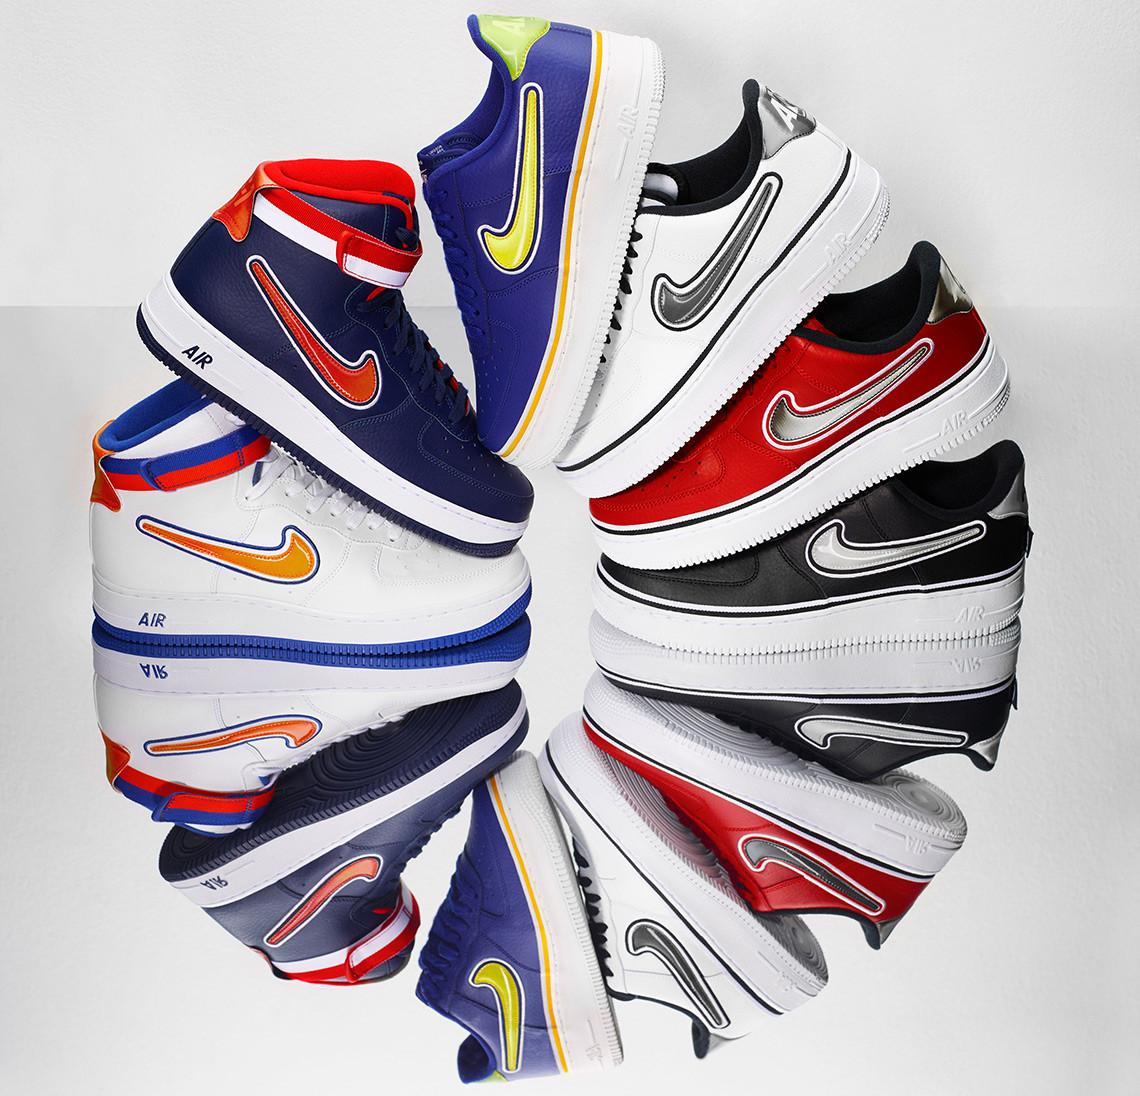 Hình ảnh cực mới lạ của giày Nike Air Force 1 trong bộ sưu tập cho mùa lễ 2018